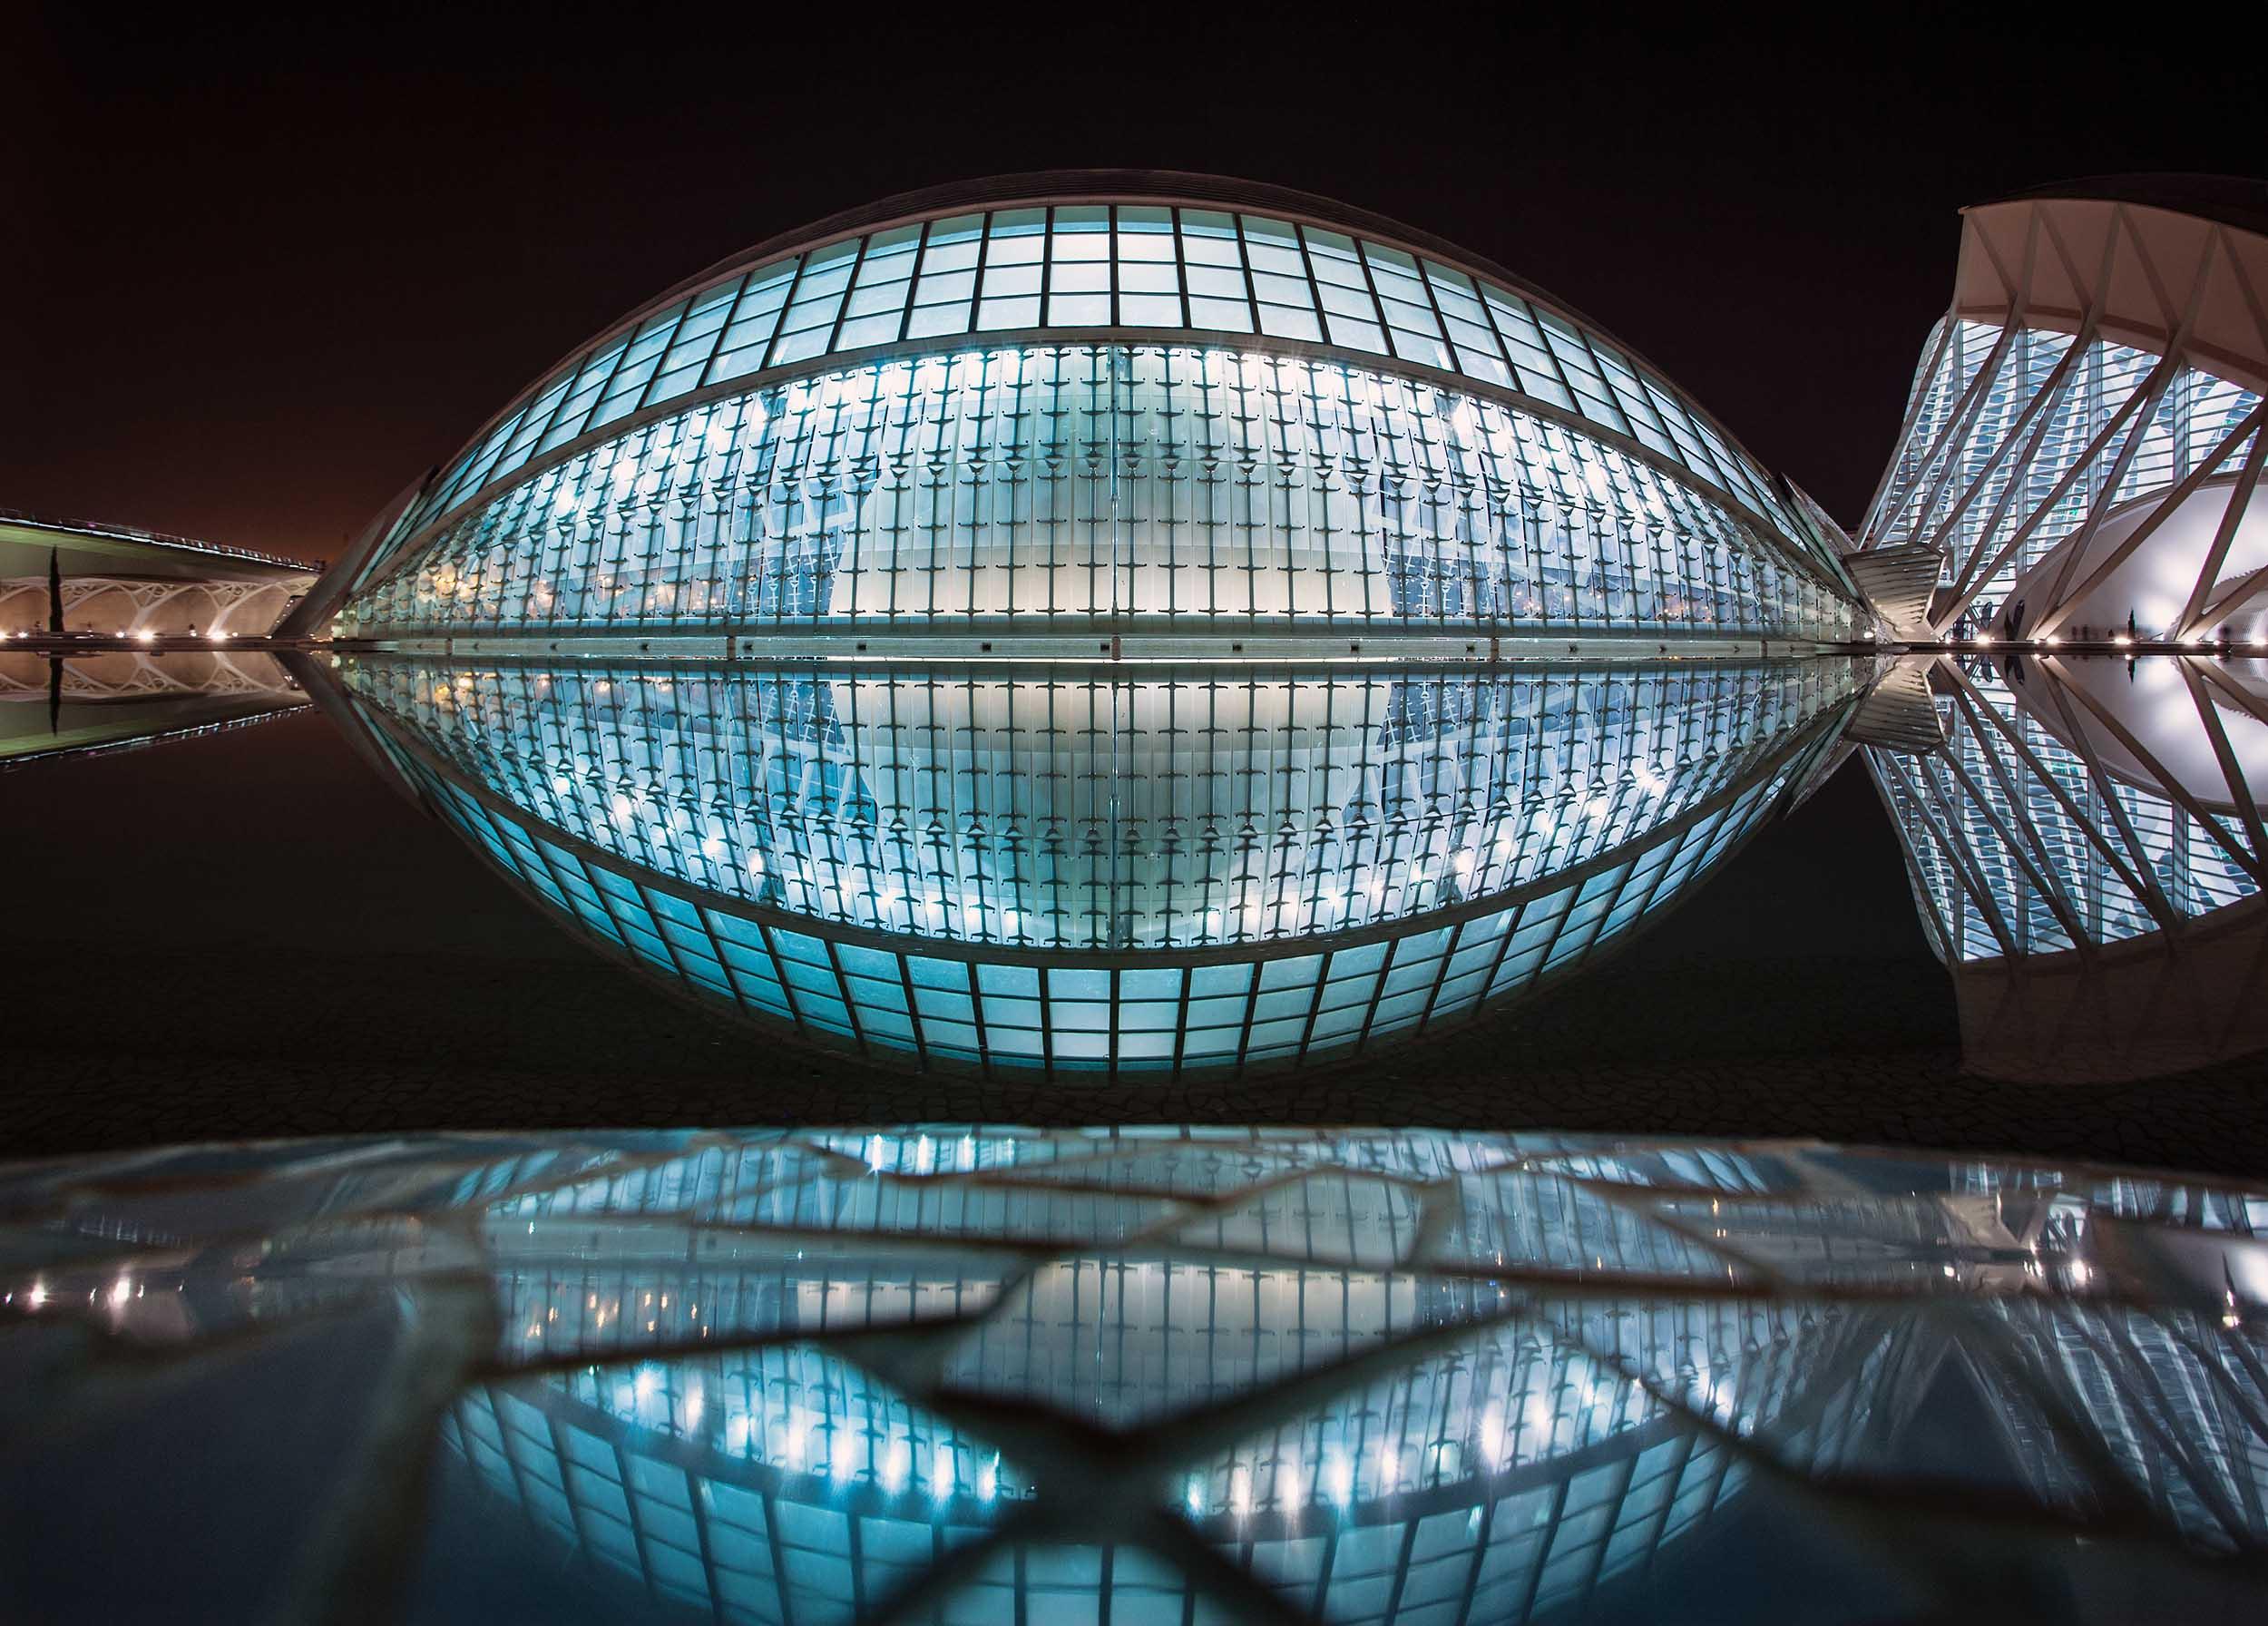 Calatrava_Citiy_of_Science_7292_2500_534K.jpg